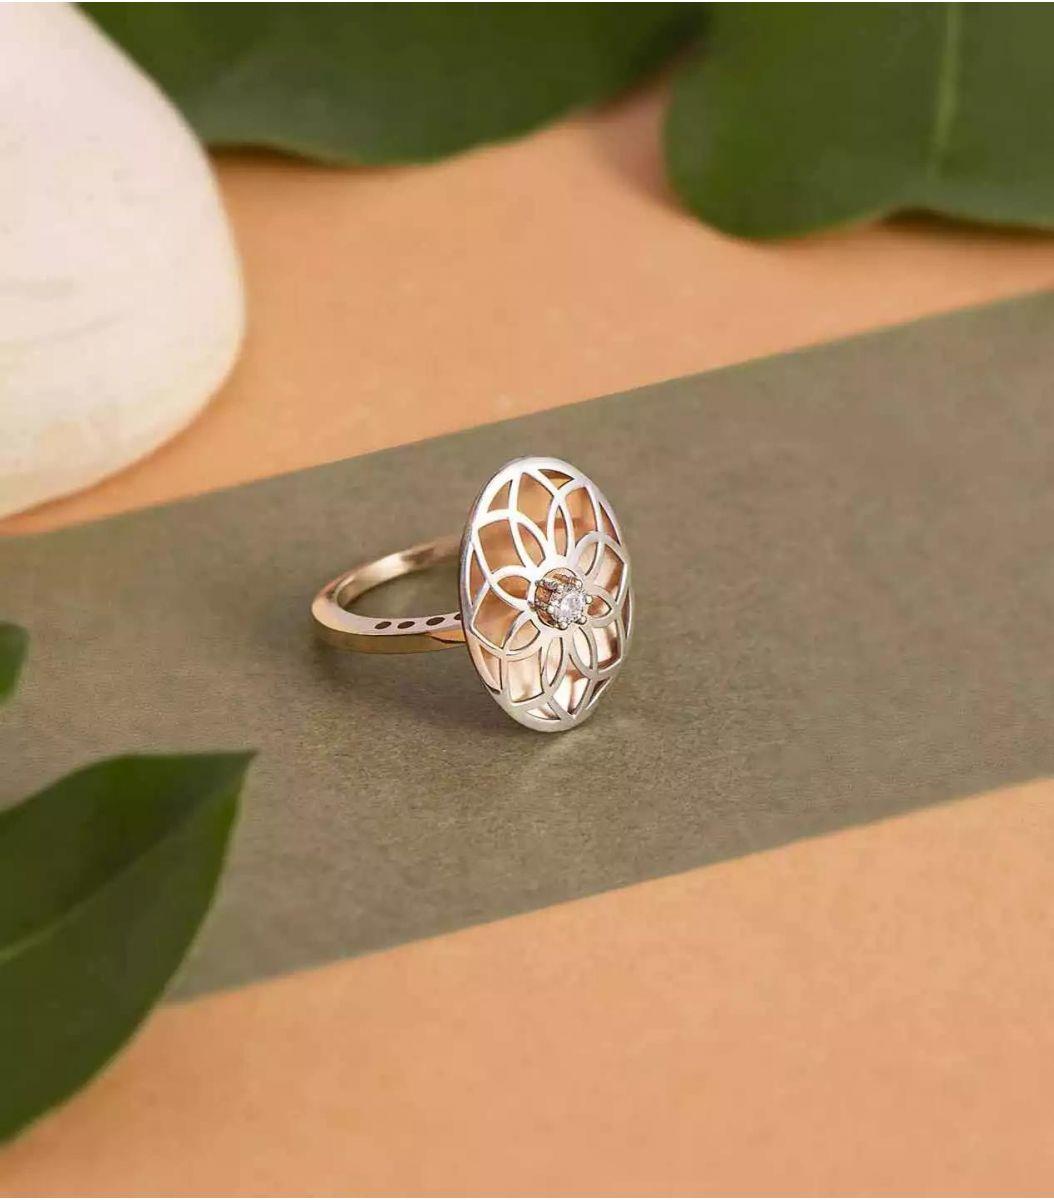 Silver Rose Gold Finger Ring FJ1712688